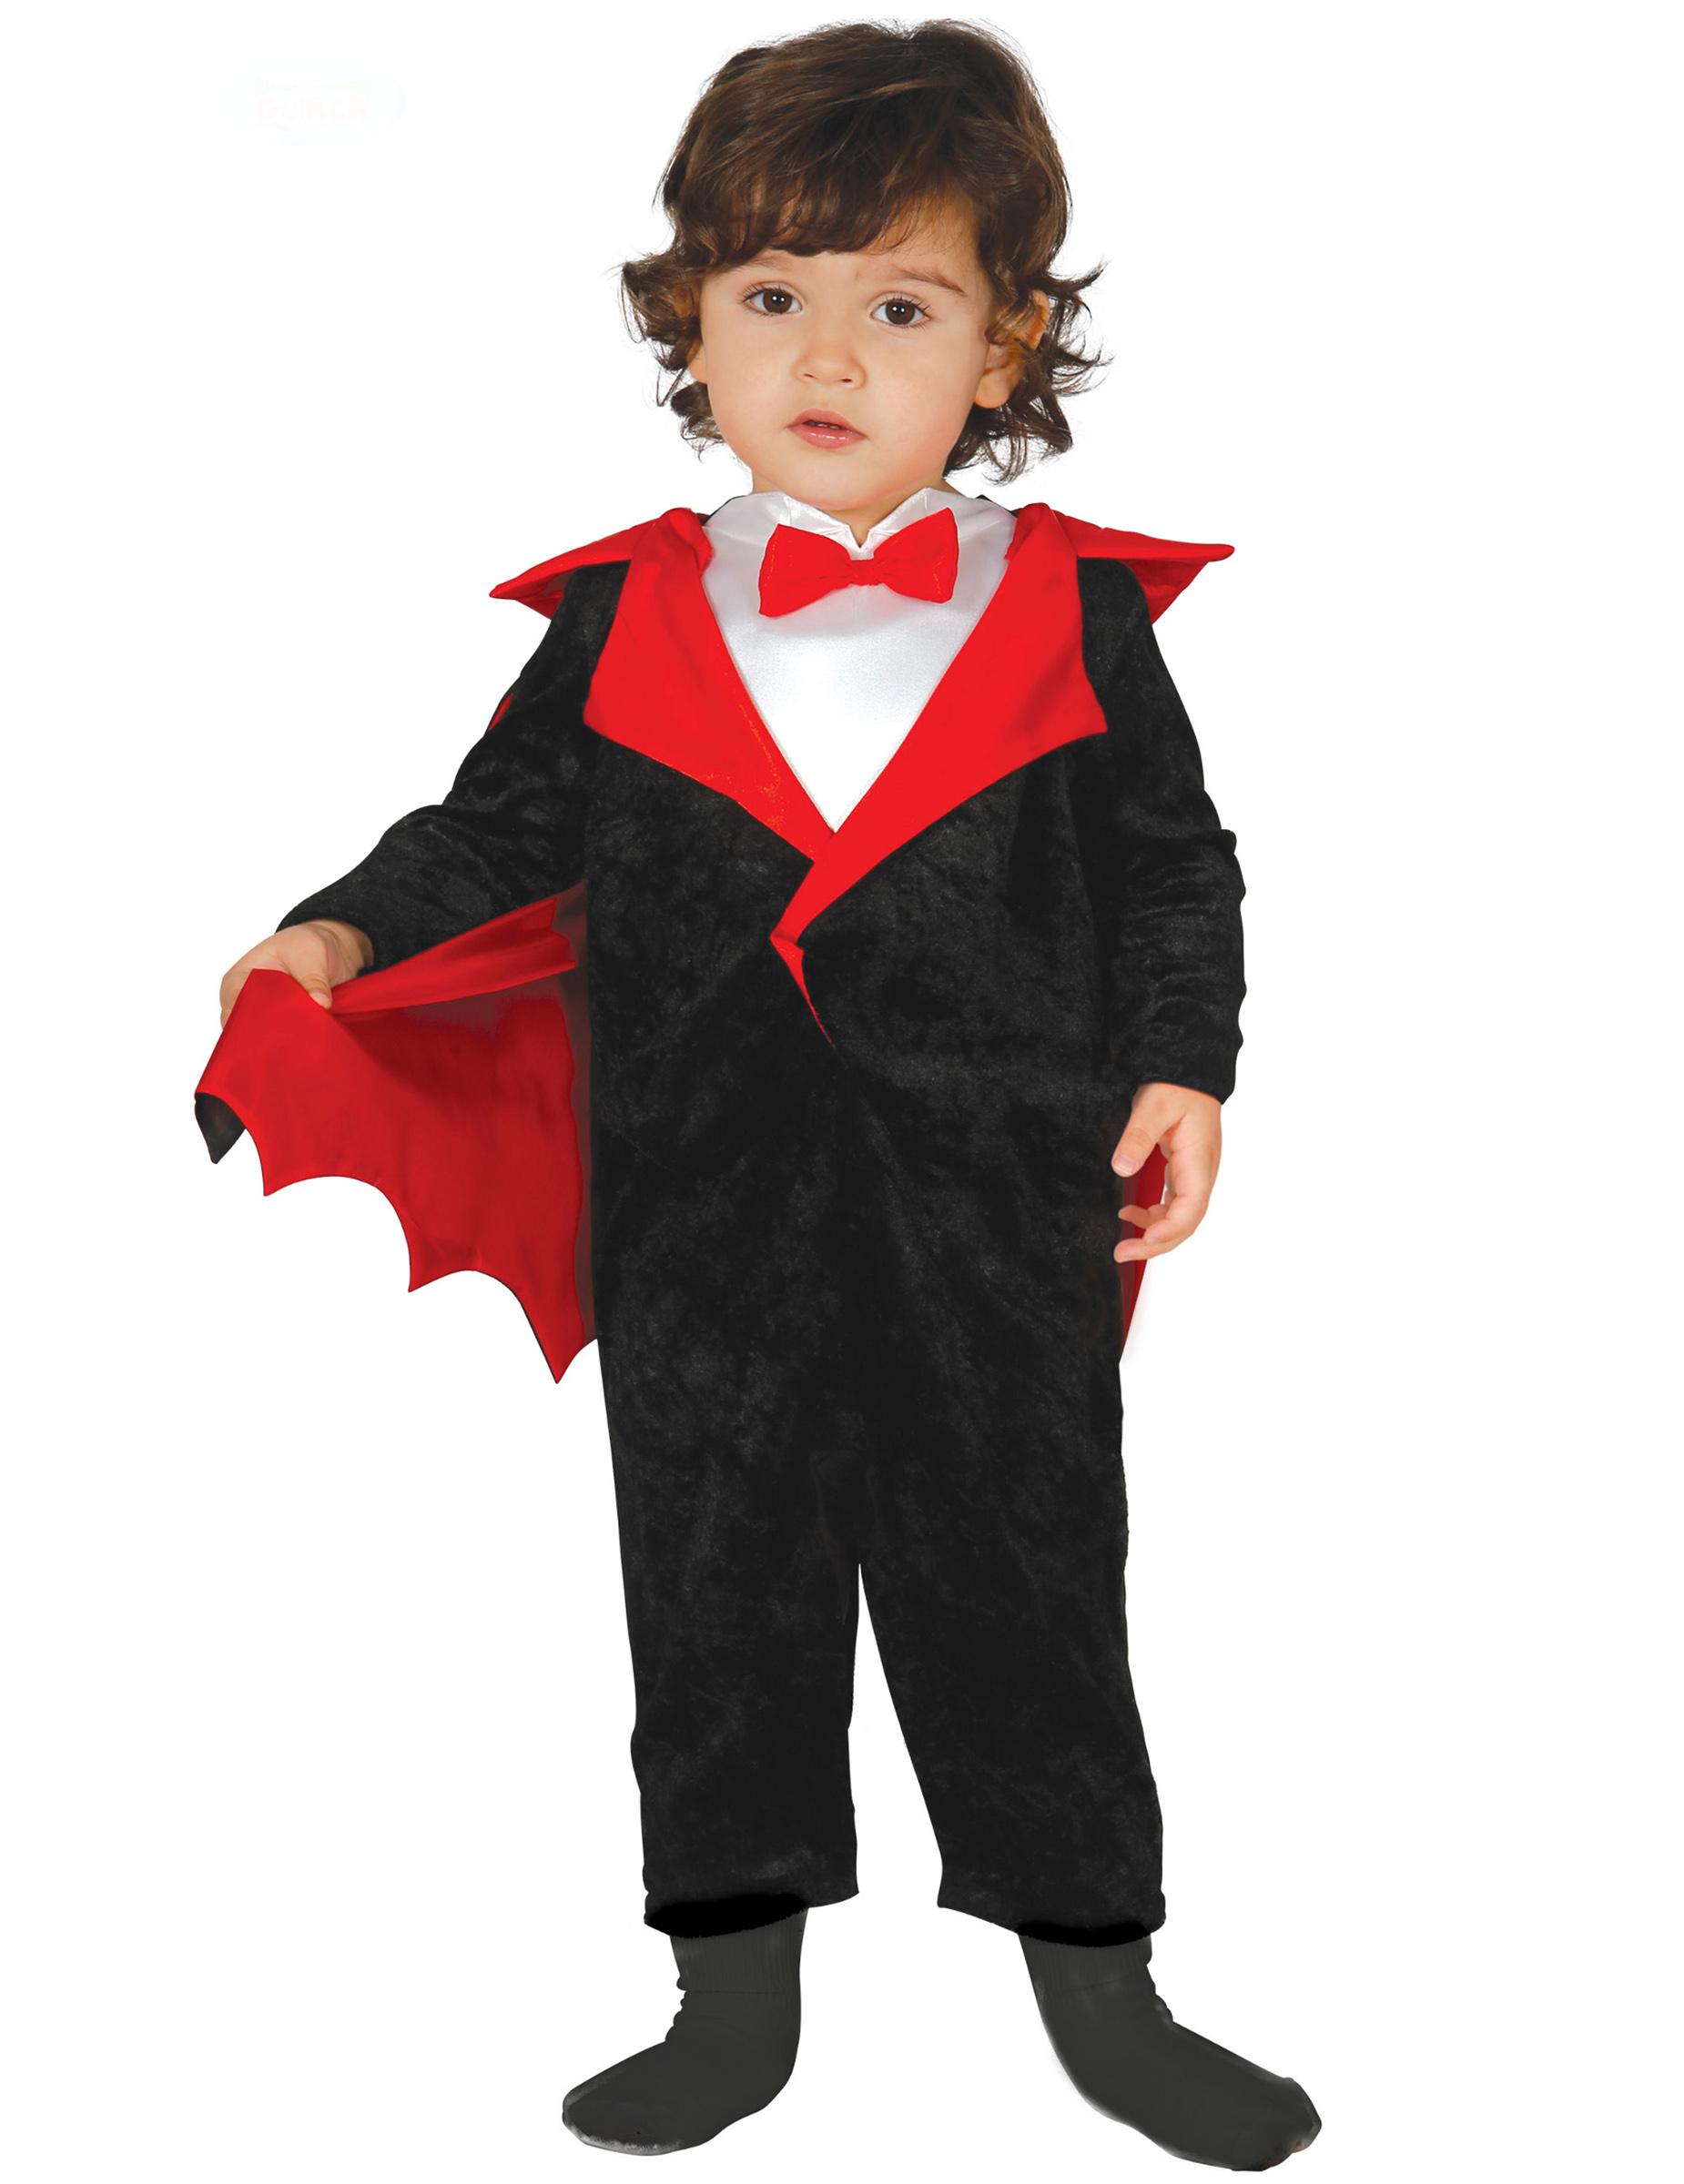 niedliches vampir kost m f r kinder halloween schwarz rot kost me f r kinder und g nstige. Black Bedroom Furniture Sets. Home Design Ideas